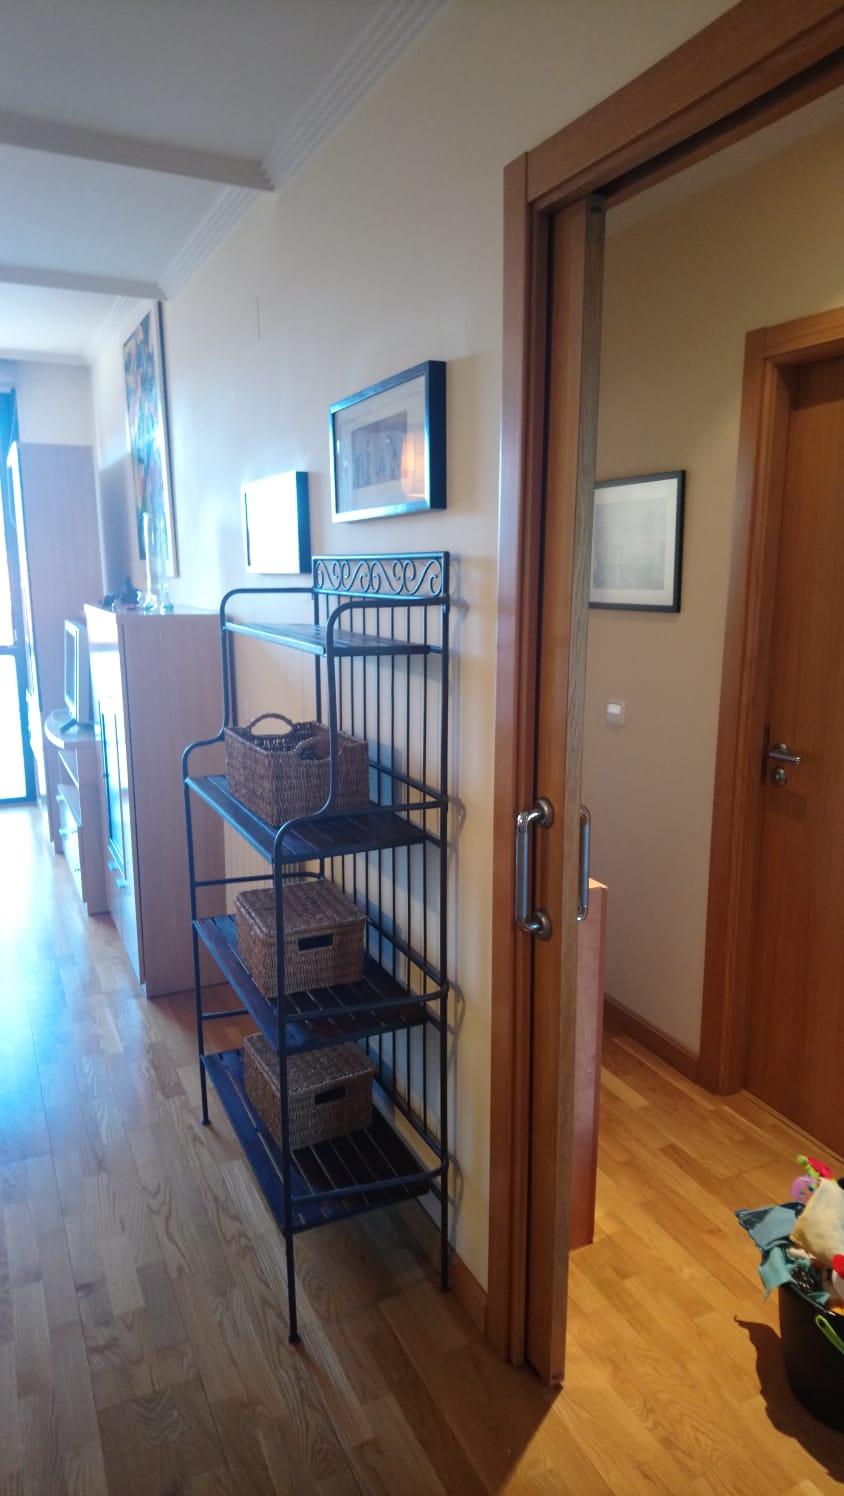 apartamento bonito de 2 dormitorios (REF: 515) - foto 5 c7a08e61-1ad1-42a6-8813-ae5ccbc759ee.jpg